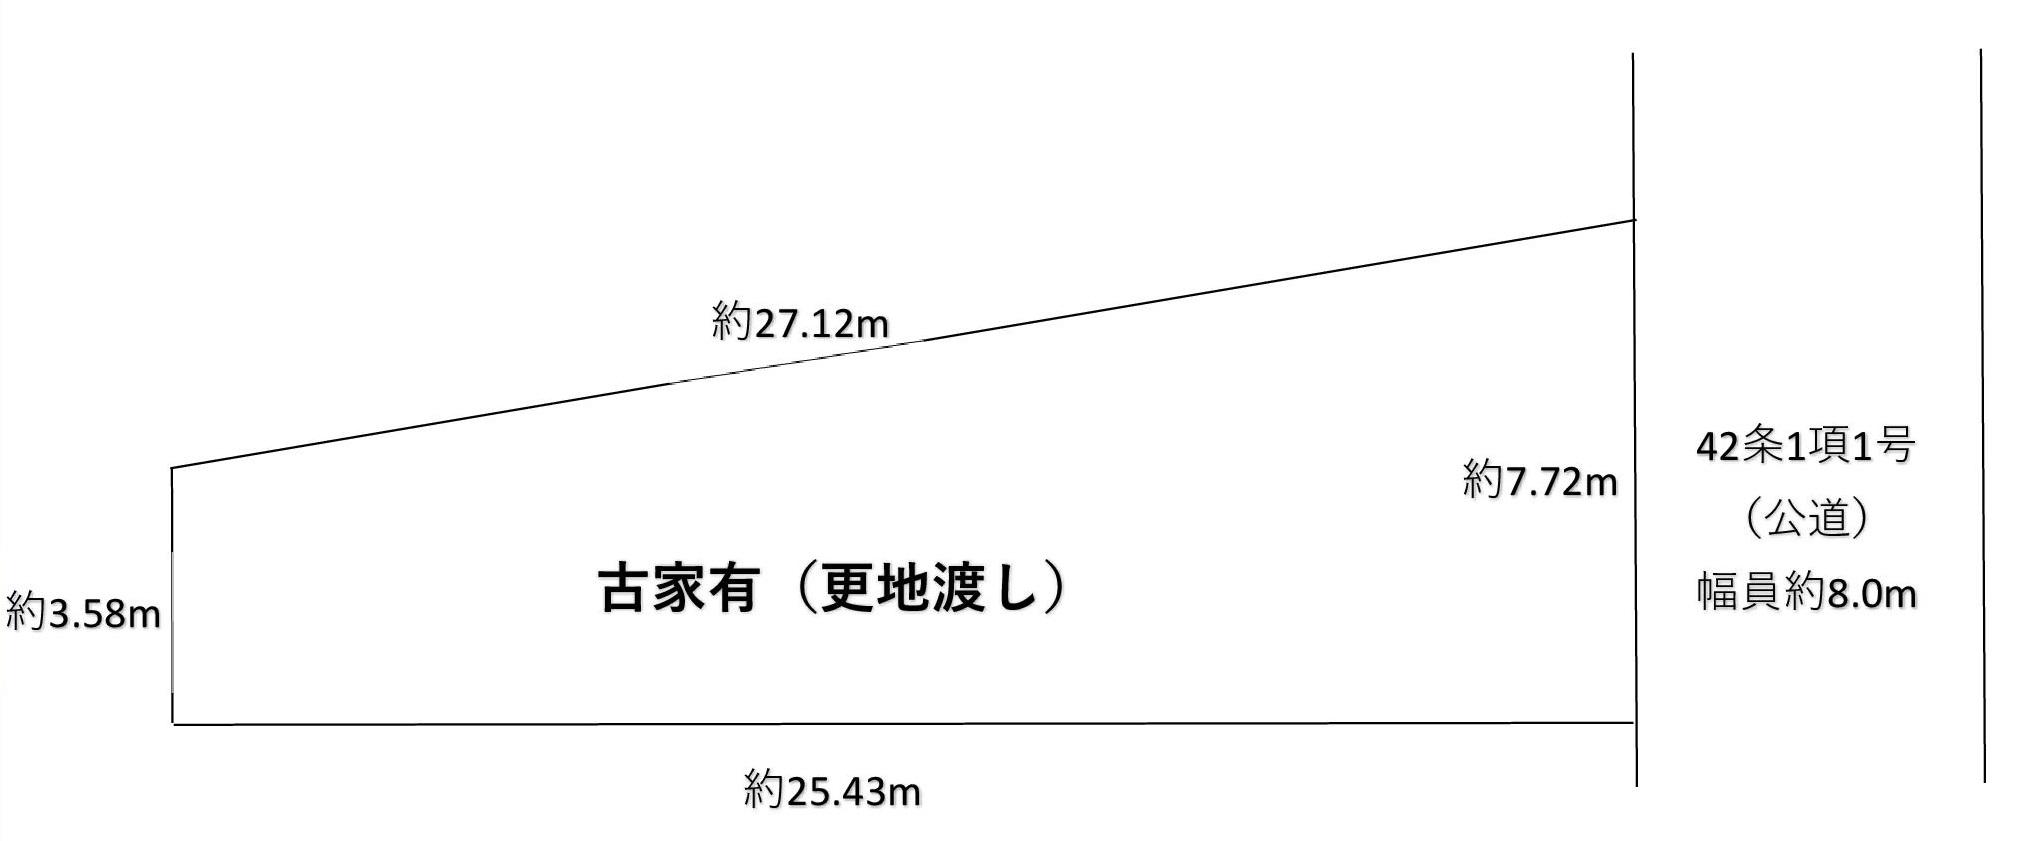 姫島4丁目土地